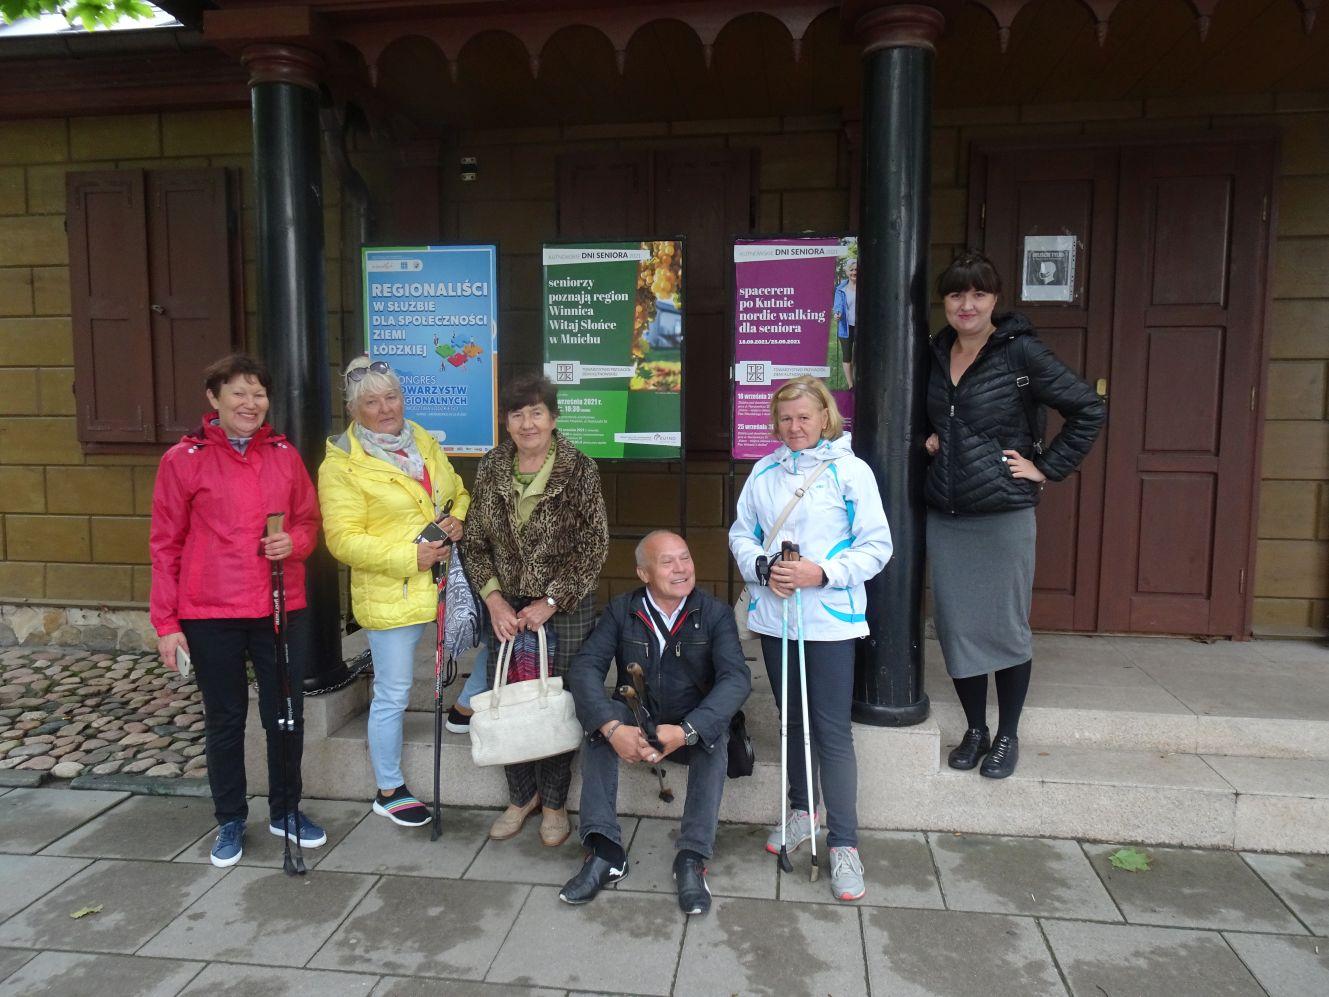 Seniorzy spacerowali po Kutnie. Pogoda nieco pokrzyżowała plany [ZDJĘCIA] - Zdjęcie główne